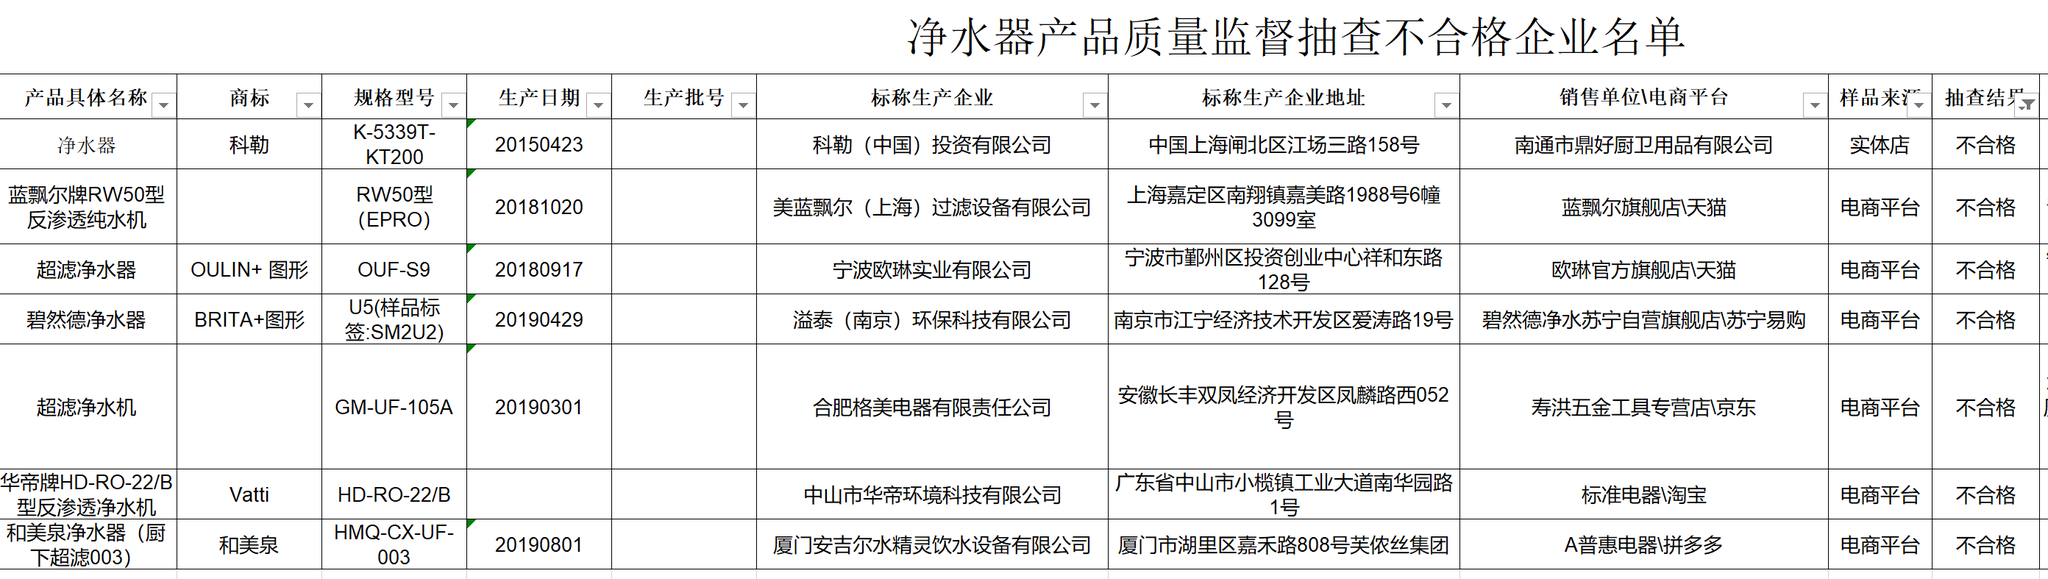 亚洲城ca88唯一授权 今年前3季度重庆累计发行国债超60亿元